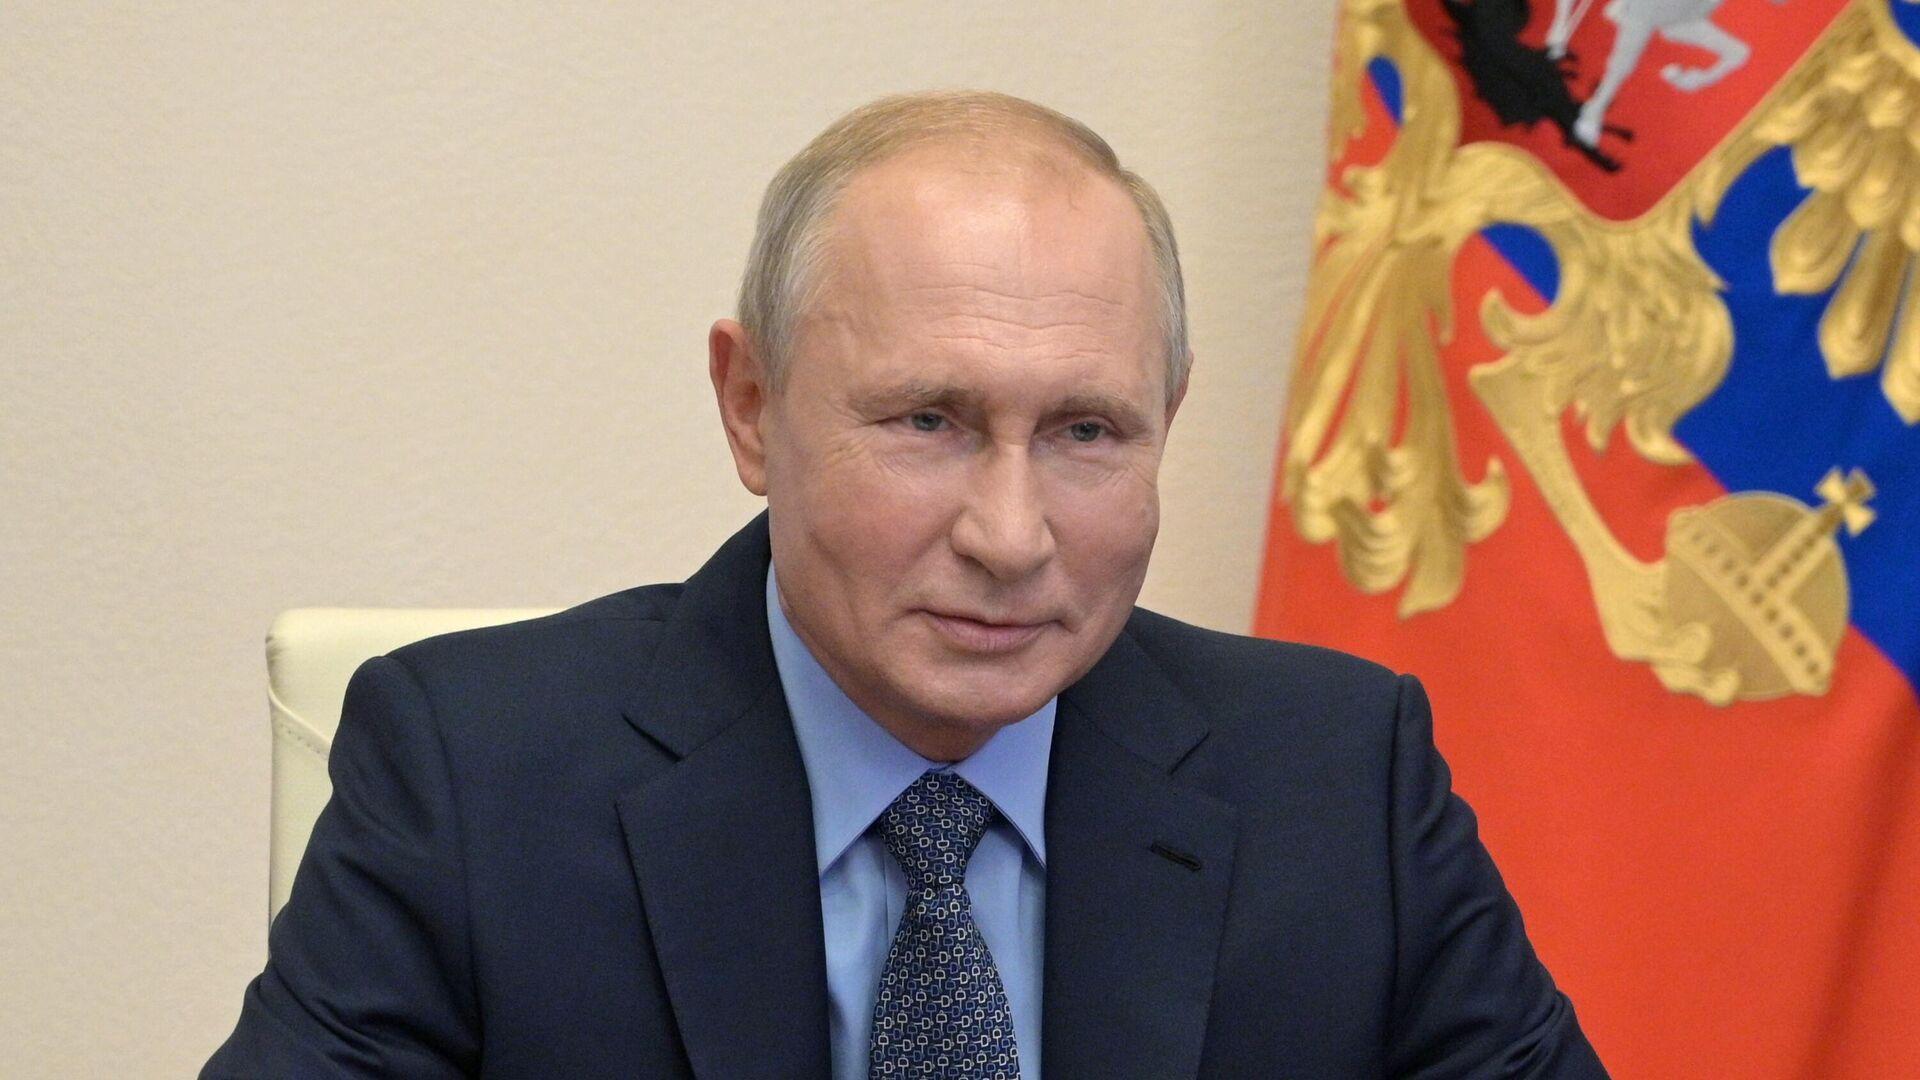 Президент РФ Владимир Путин проводит оперативное совещание с постоянными членами Совета безопасности РФ - РИА Новости, 1920, 29.10.2020